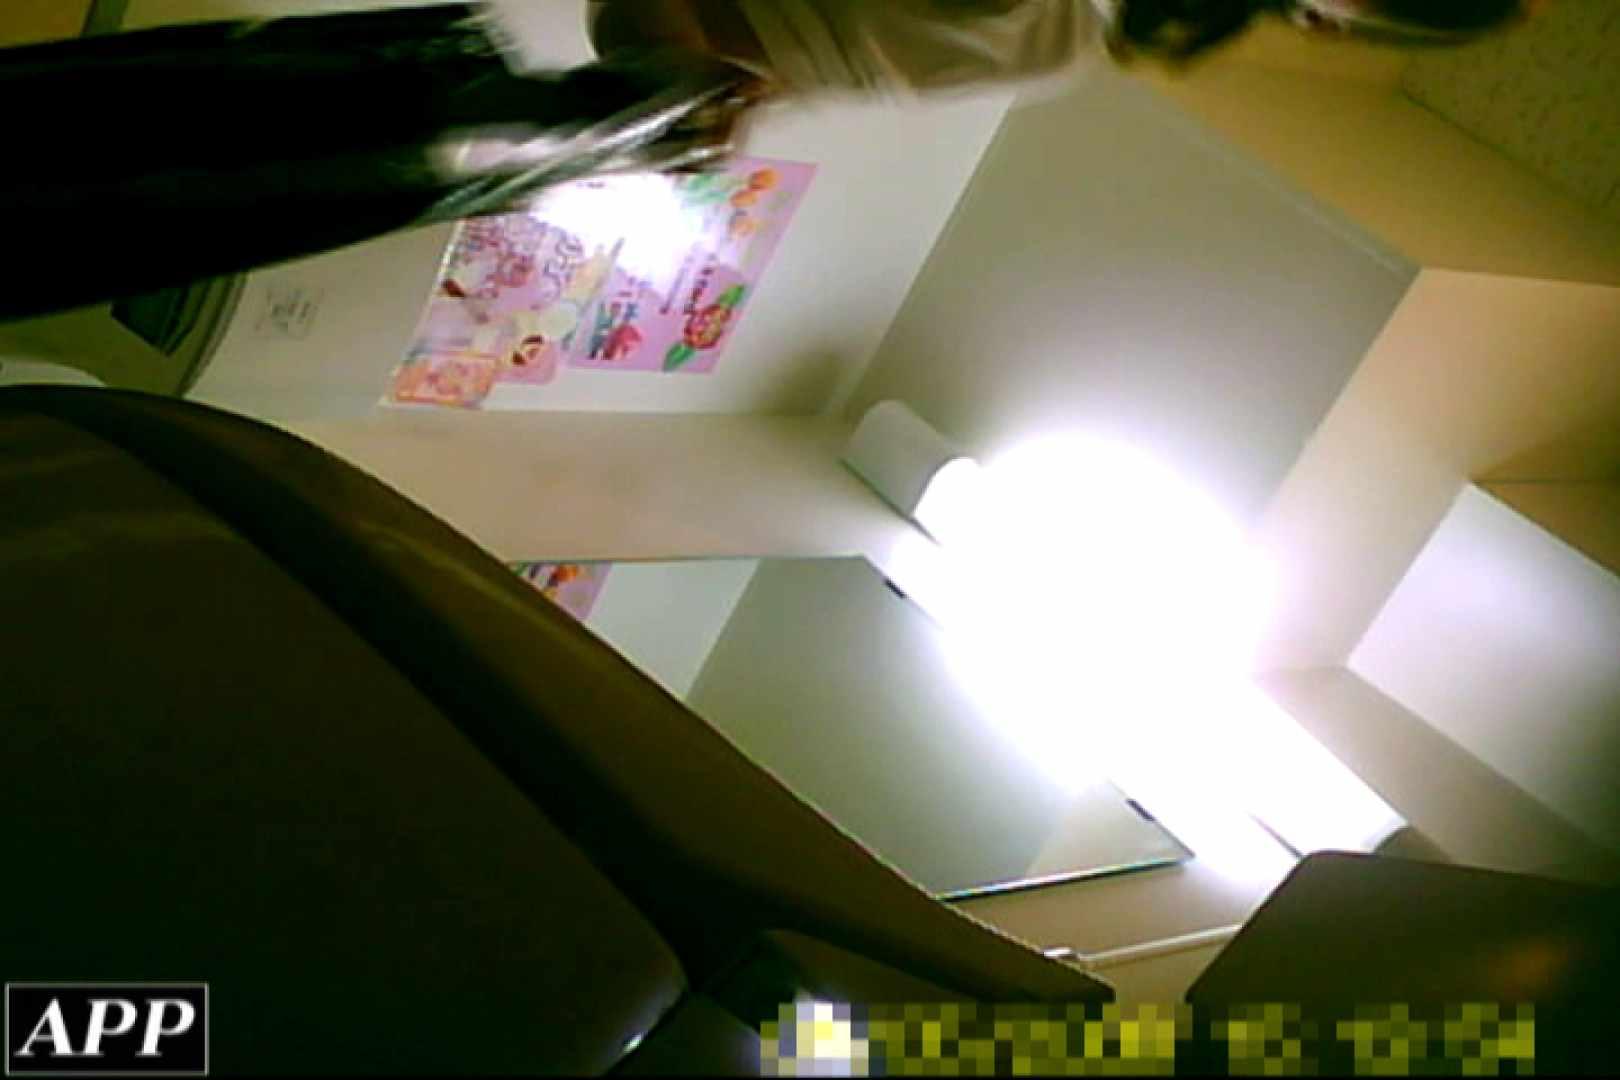 3視点洗面所 vol.115 洗面所突入 オメコ無修正動画無料 103pic 57